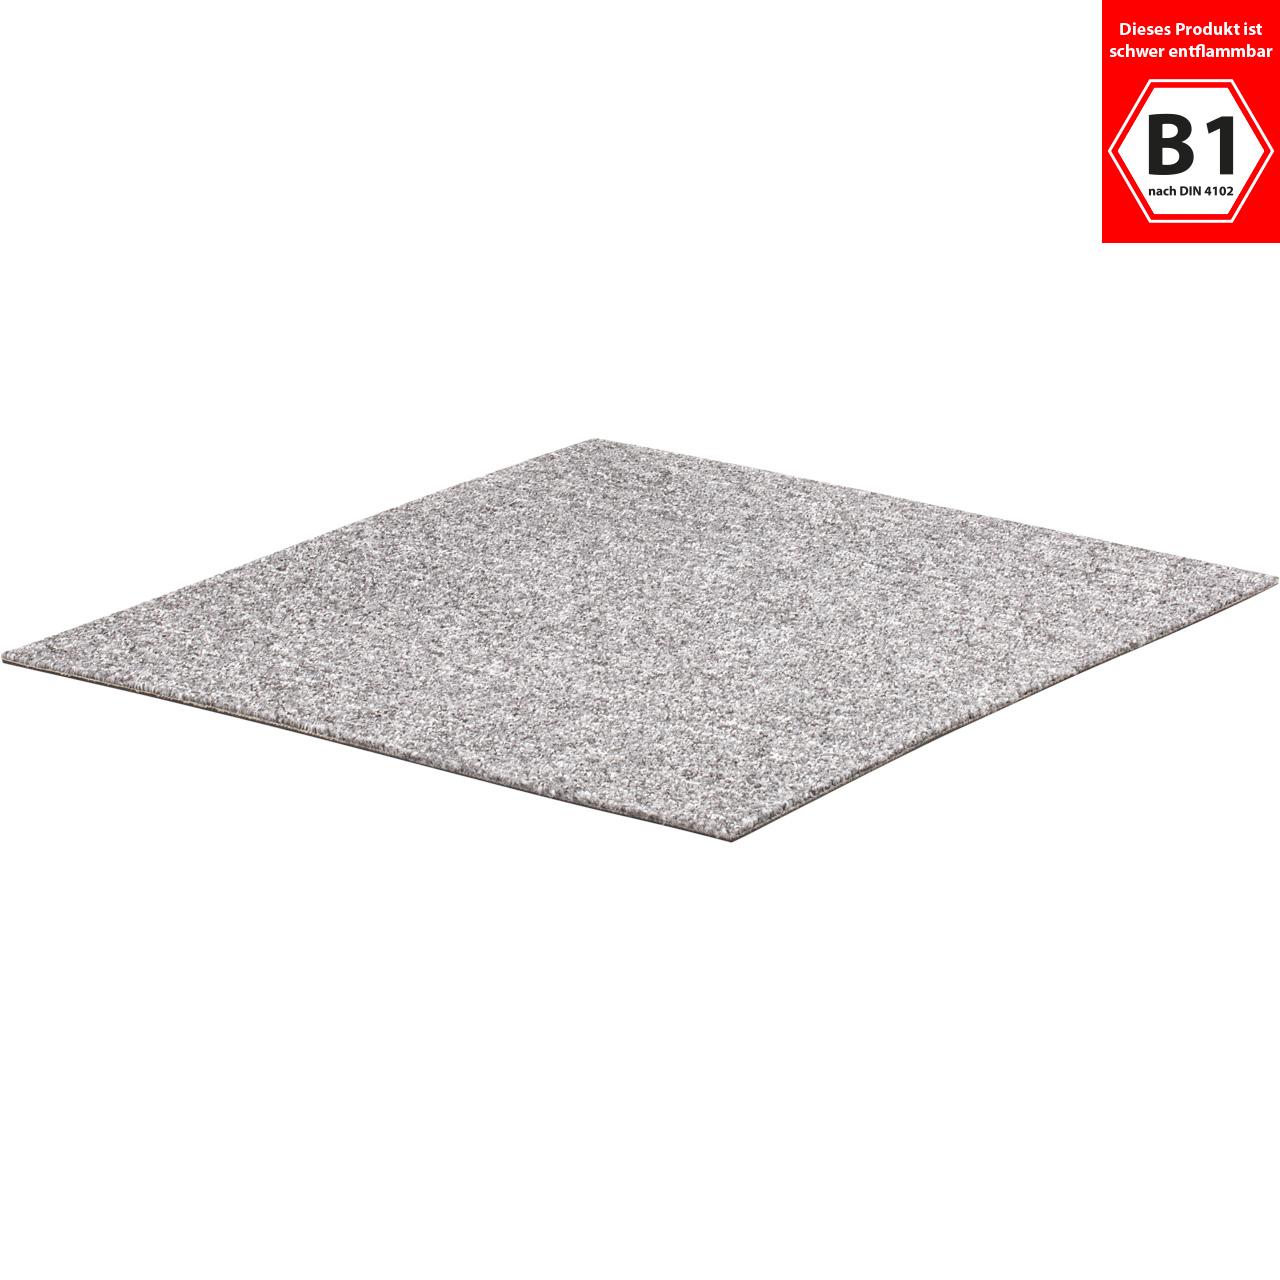 Teppichboden Fliesen Günstig Kaufen Stück - Frisch verlegte fliesen reinigen